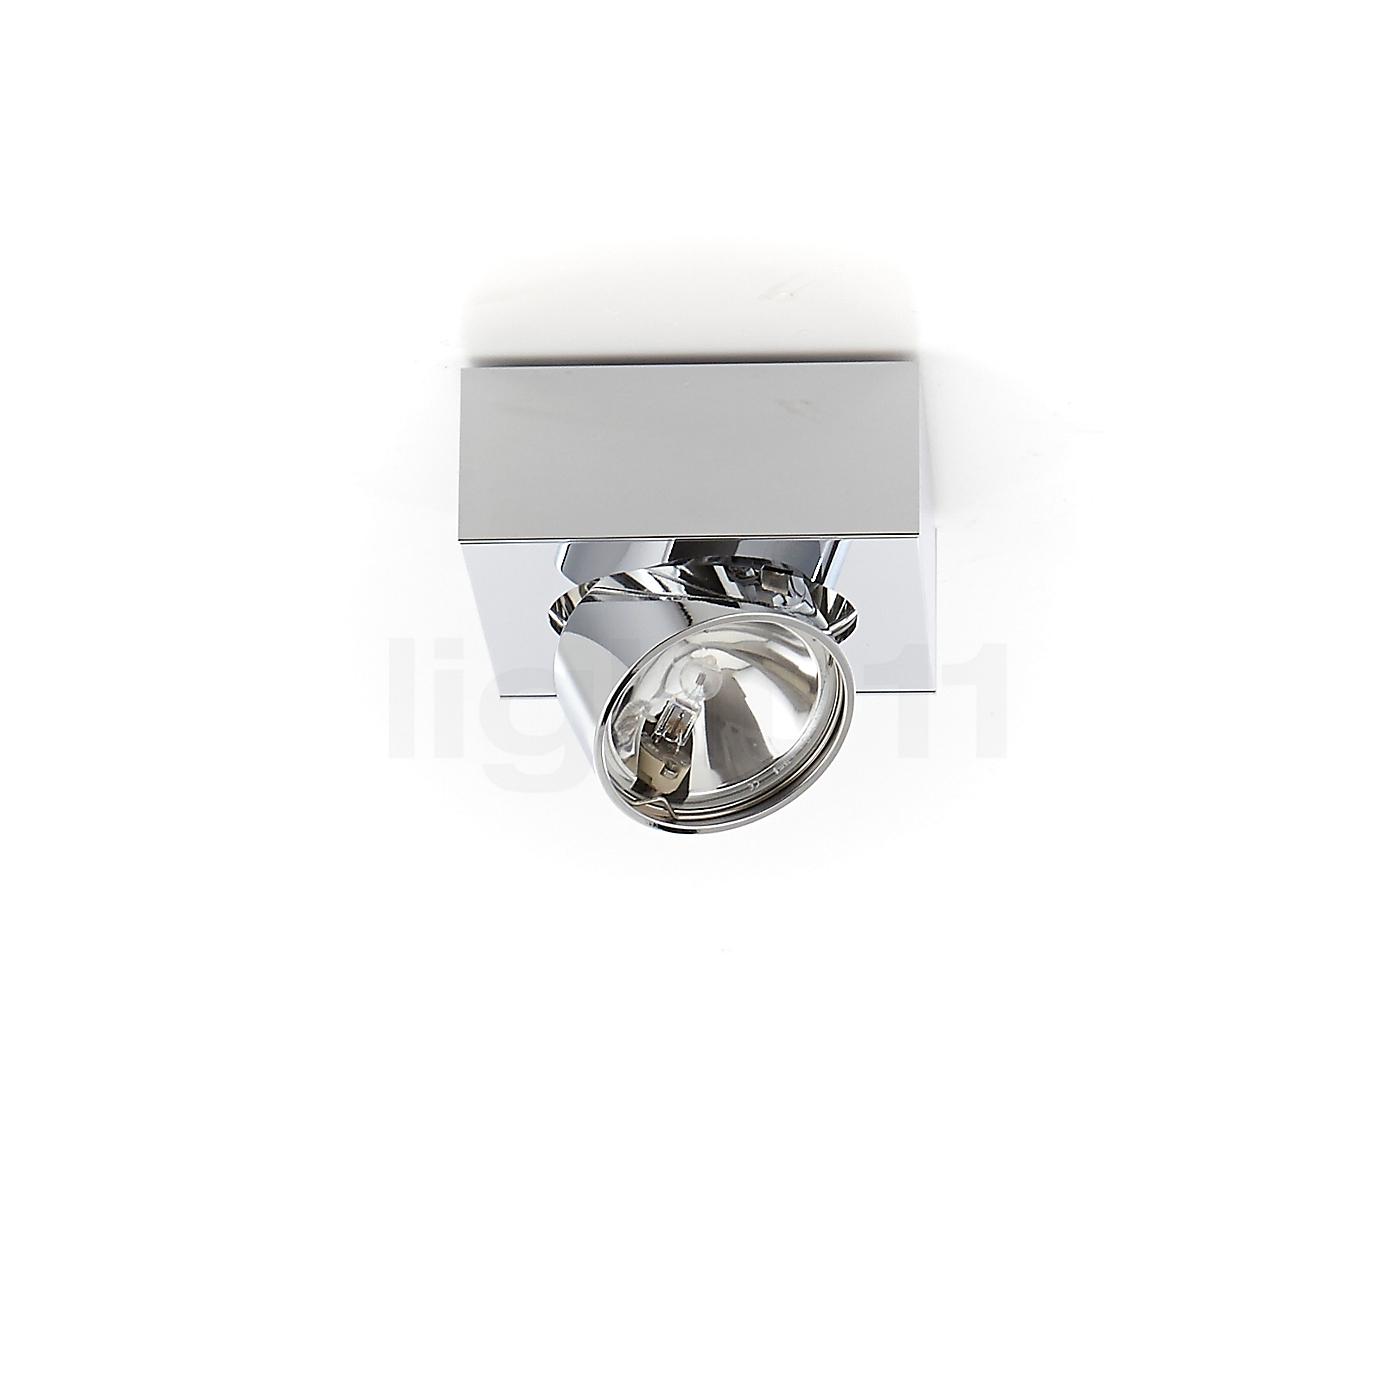 Mawa Wittenberg mawa design wittenberg deckenleuchte strahler und spot kaufen bei light11 de